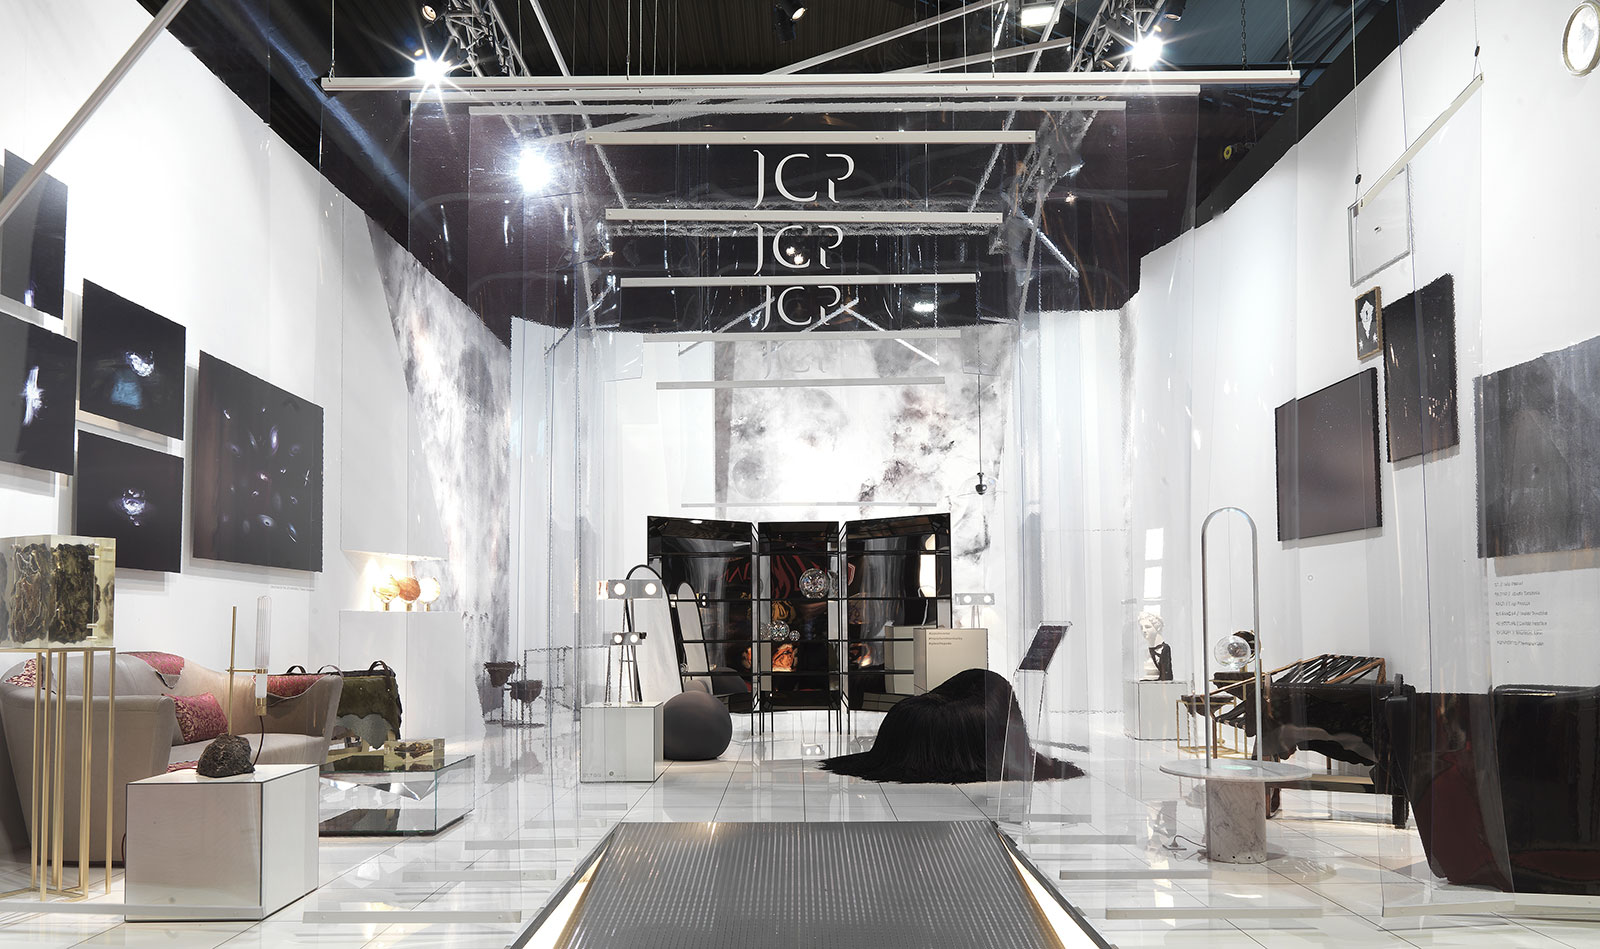 """CTRLZAK & Ballabio, """"JCP universe"""", Salone del Mobile Milano 2017"""